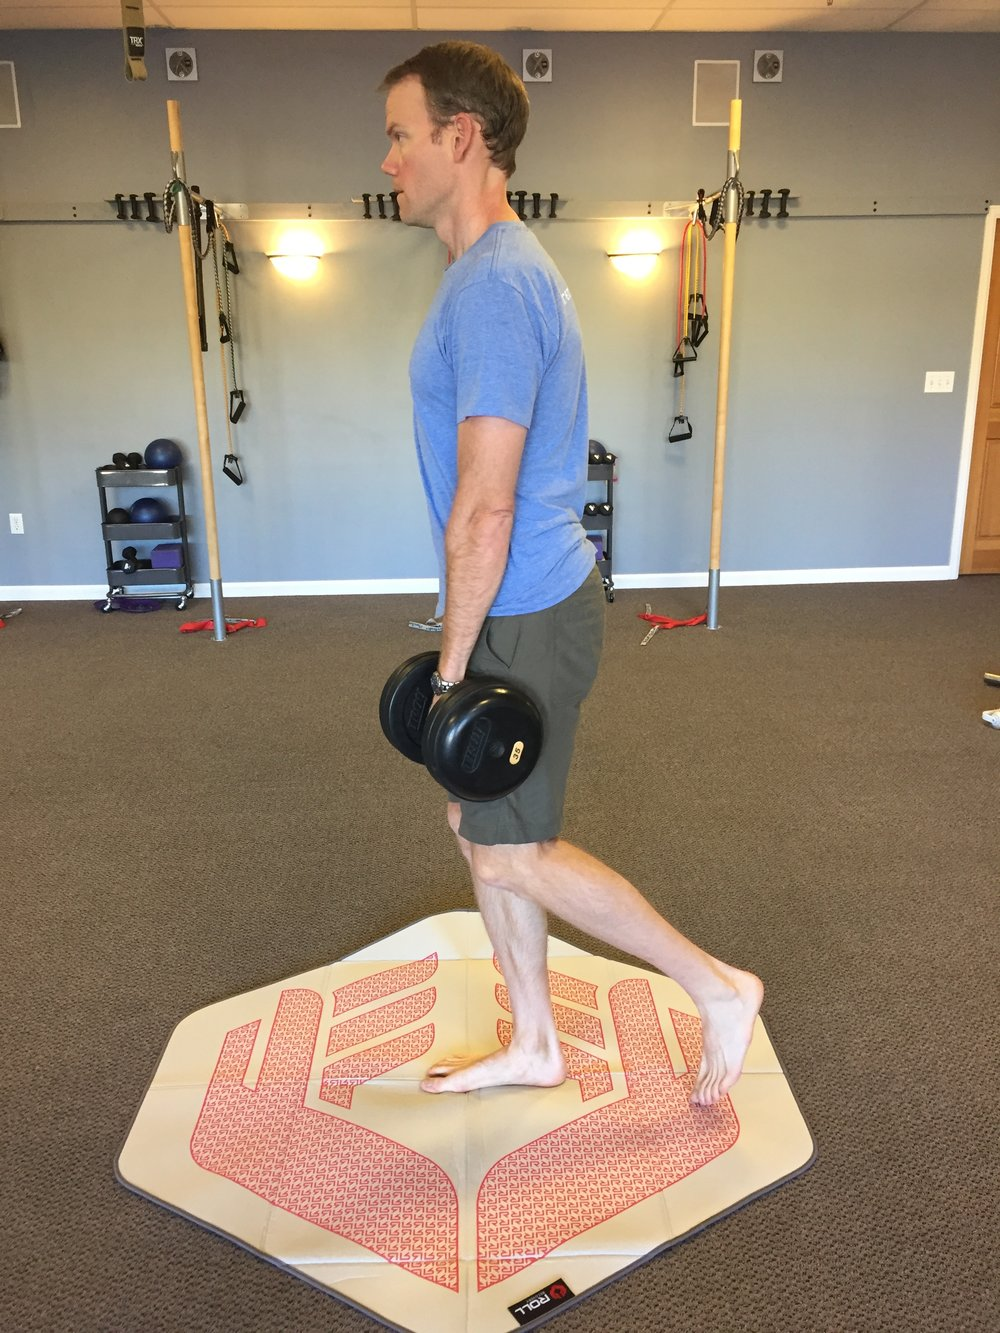 running-strength training-single leg deadlift